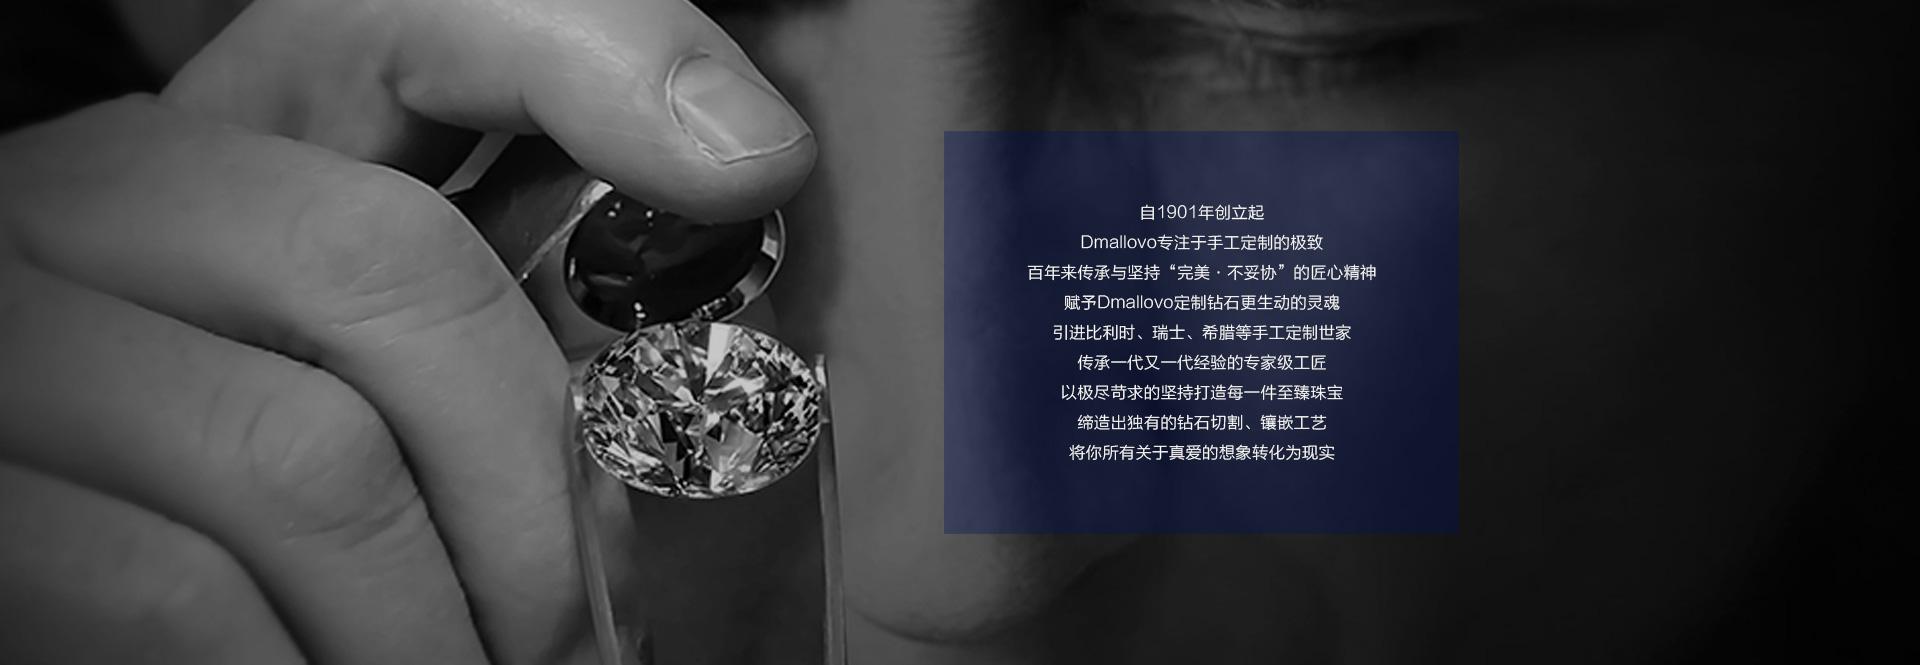 百年手工钻石定制品牌-Dmallovo